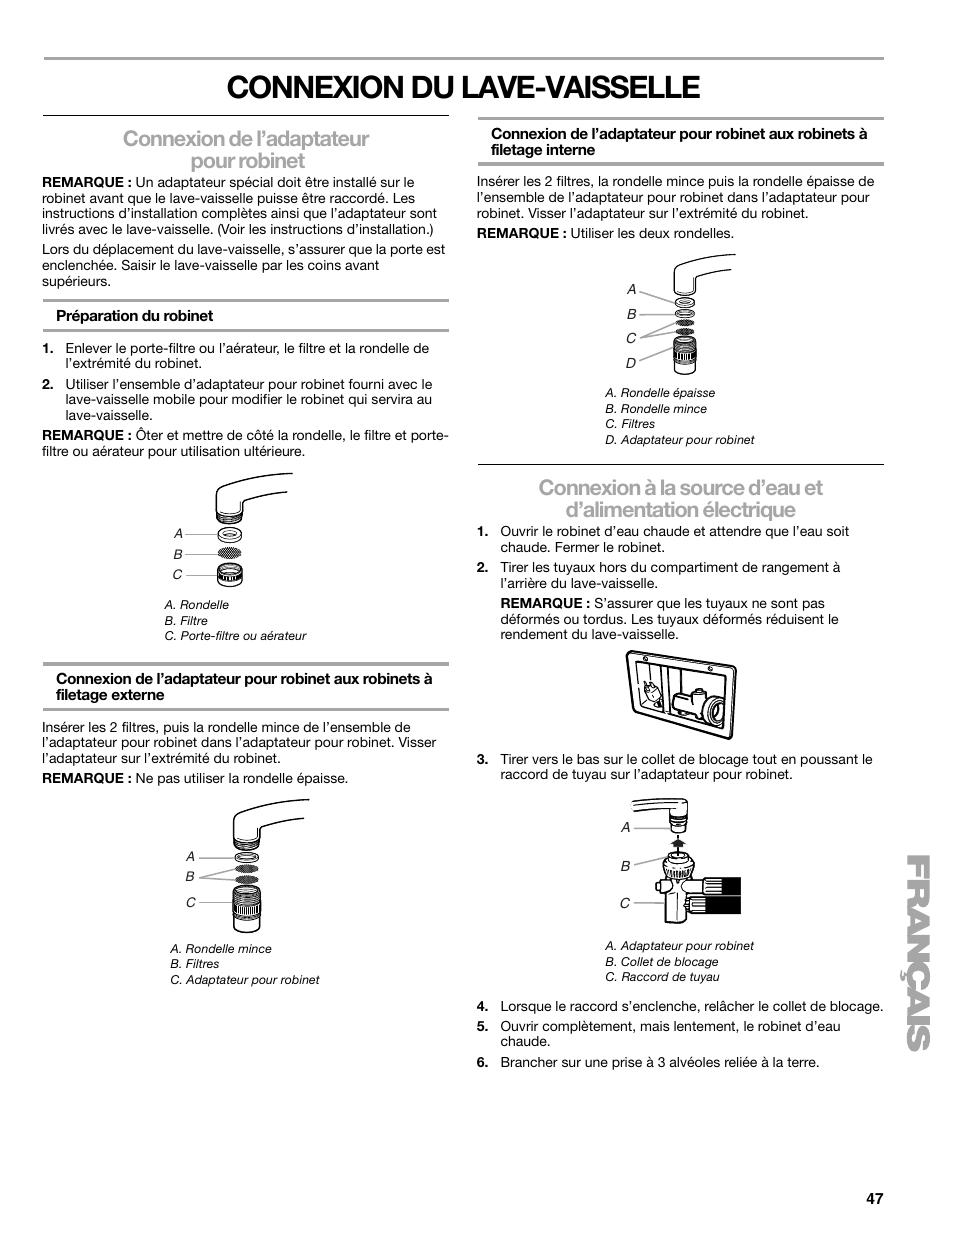 Connexion Du Lave Vaisselle, Connexion De Lu0027adaptateur Pour Robinet |  Kenmore 665.1776